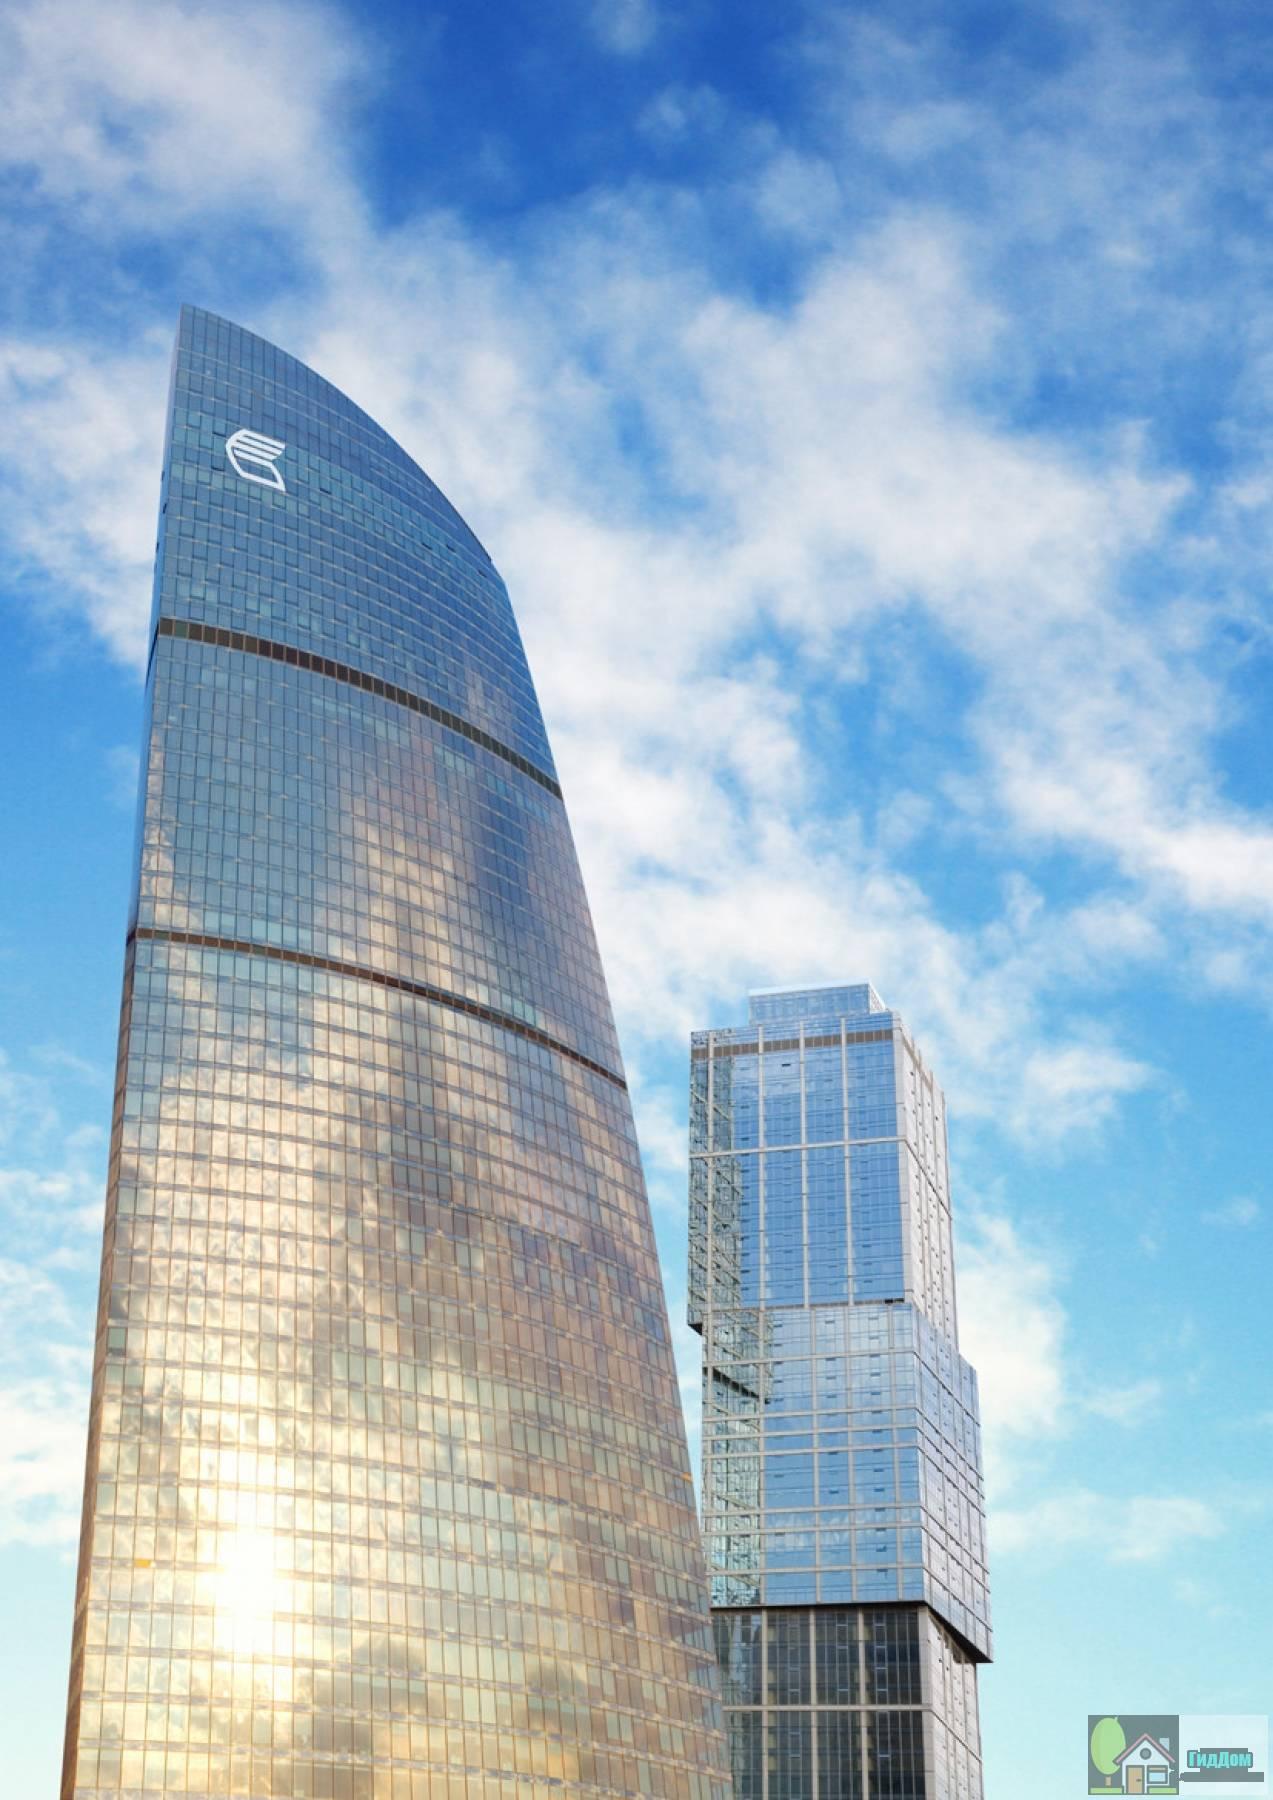 Башня Федерация - место размещения головного офиса Группы ВТБ